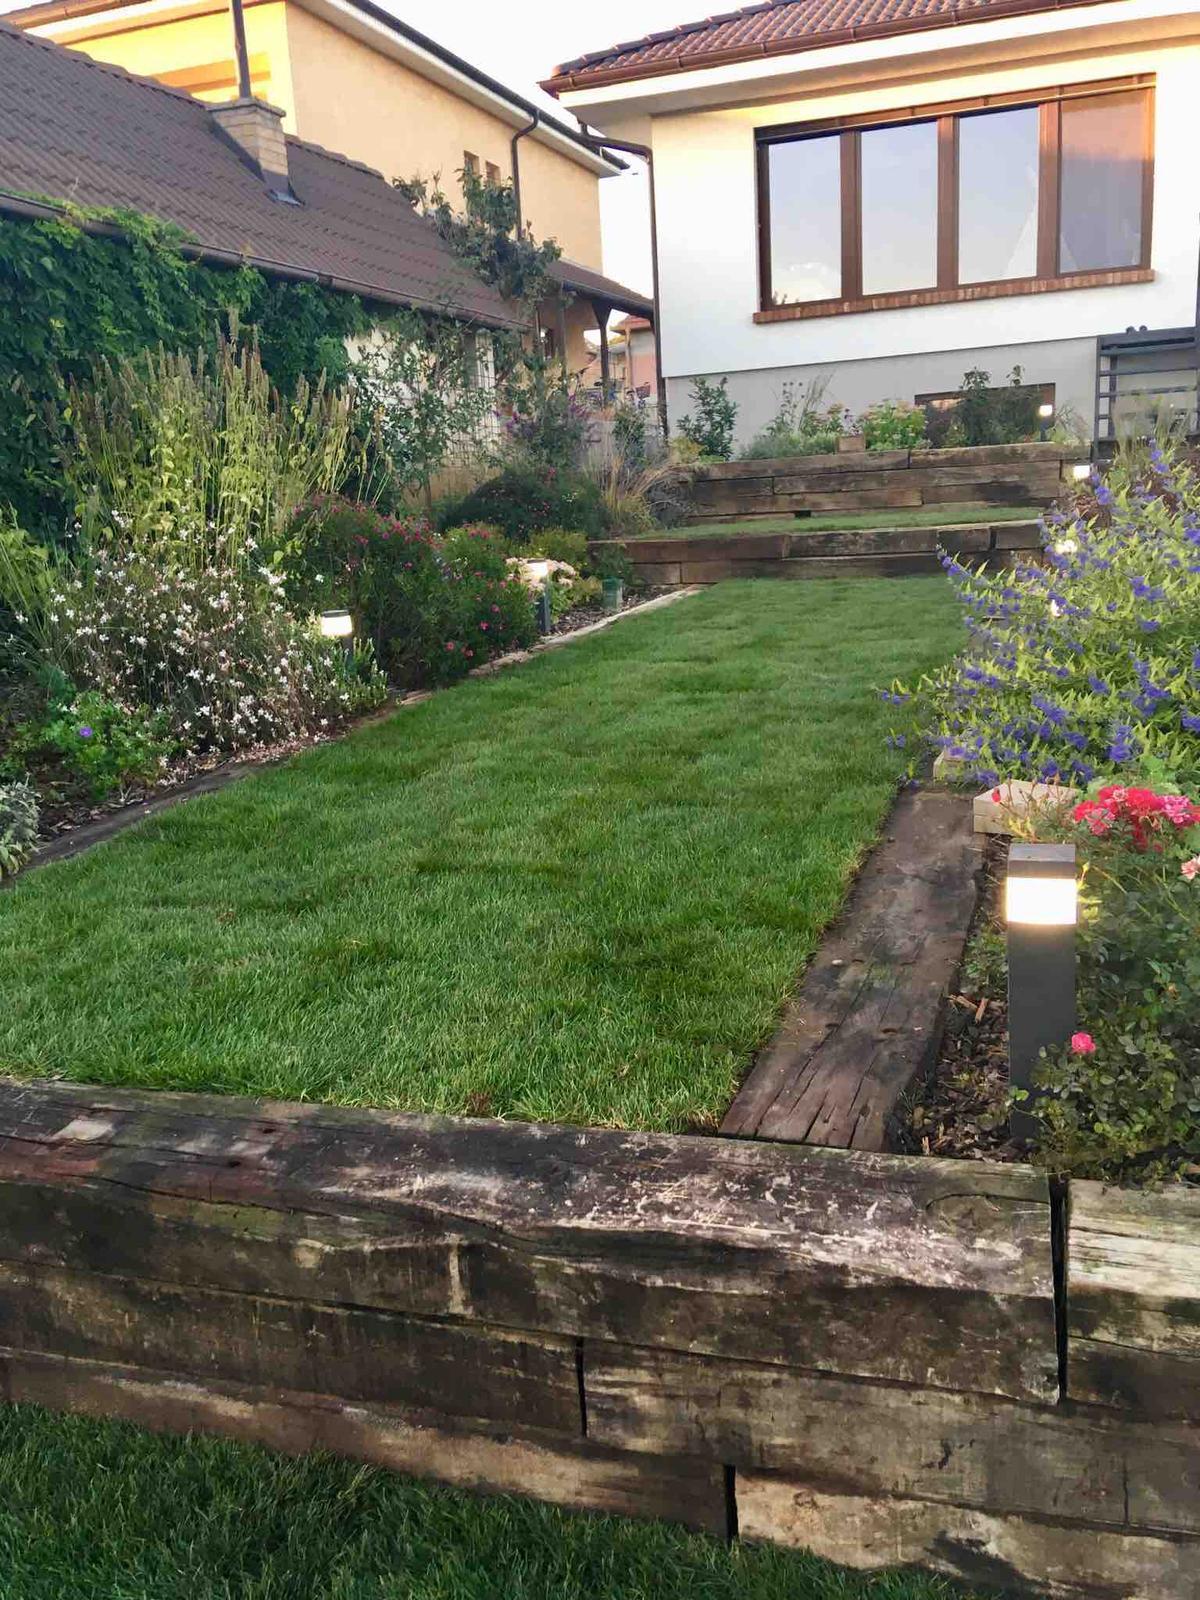 Názov stavby 3 - in da garden - trávnik položený pár minút